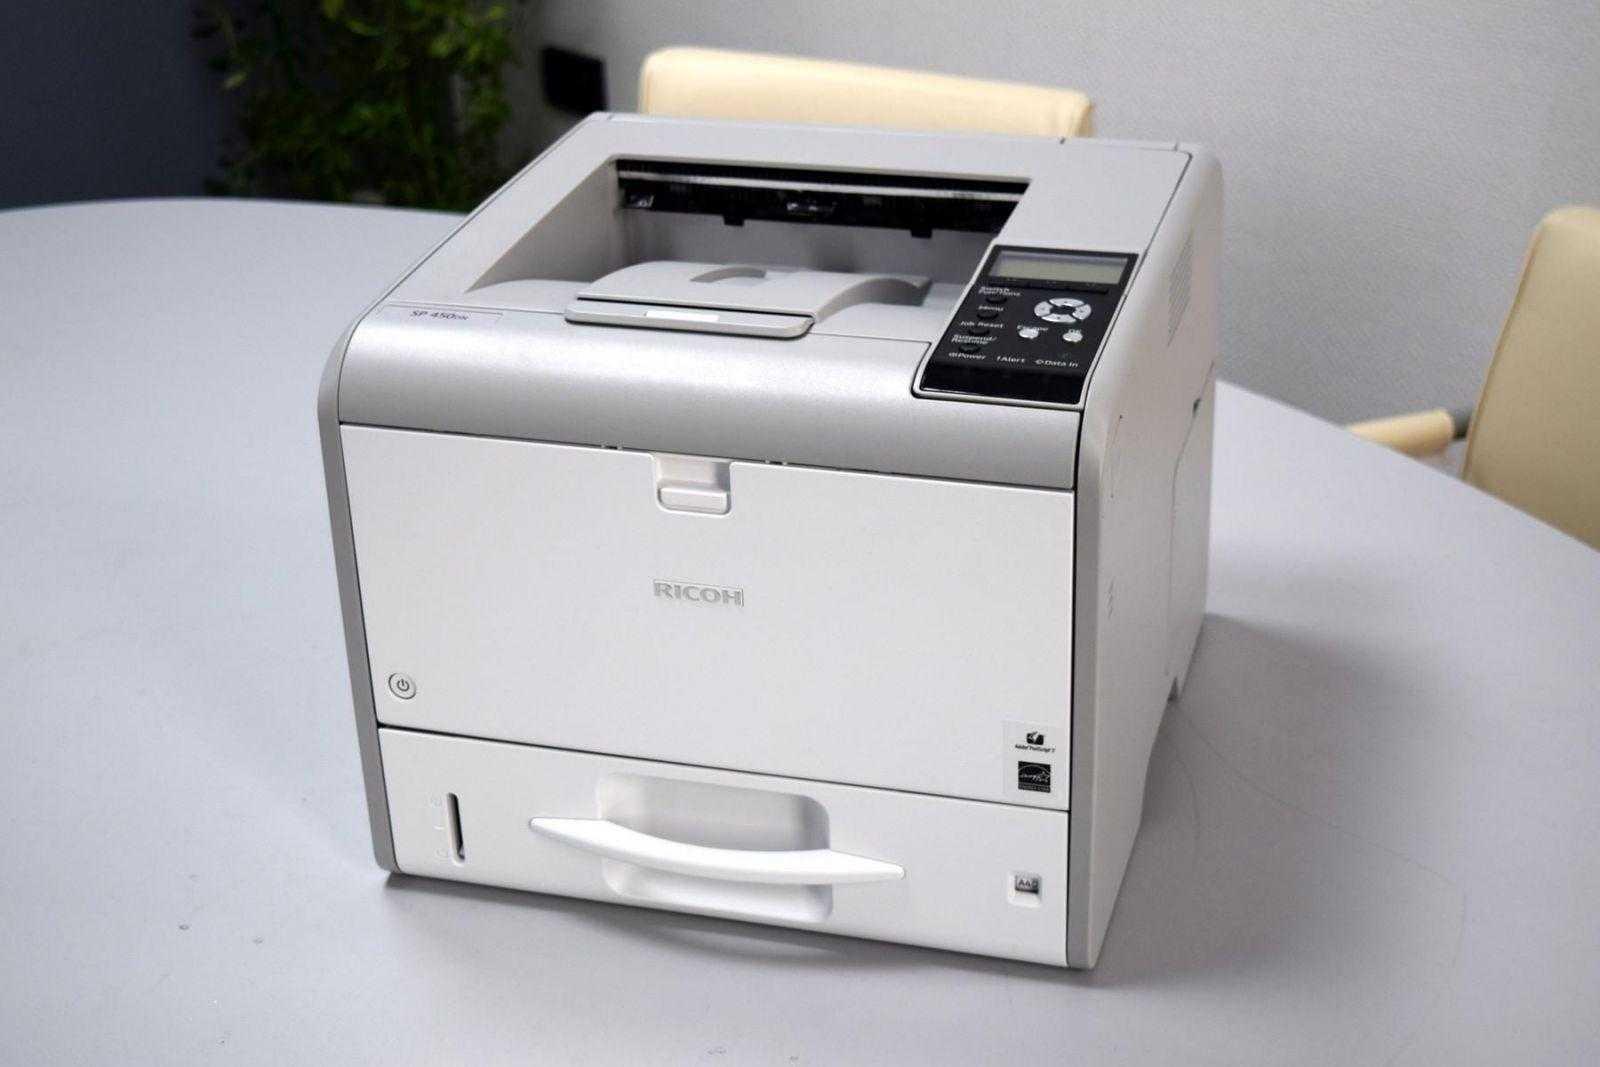 Обзор принтера Ricoh SP 450DN. Быстрая печать для офиса (DSC 0748)